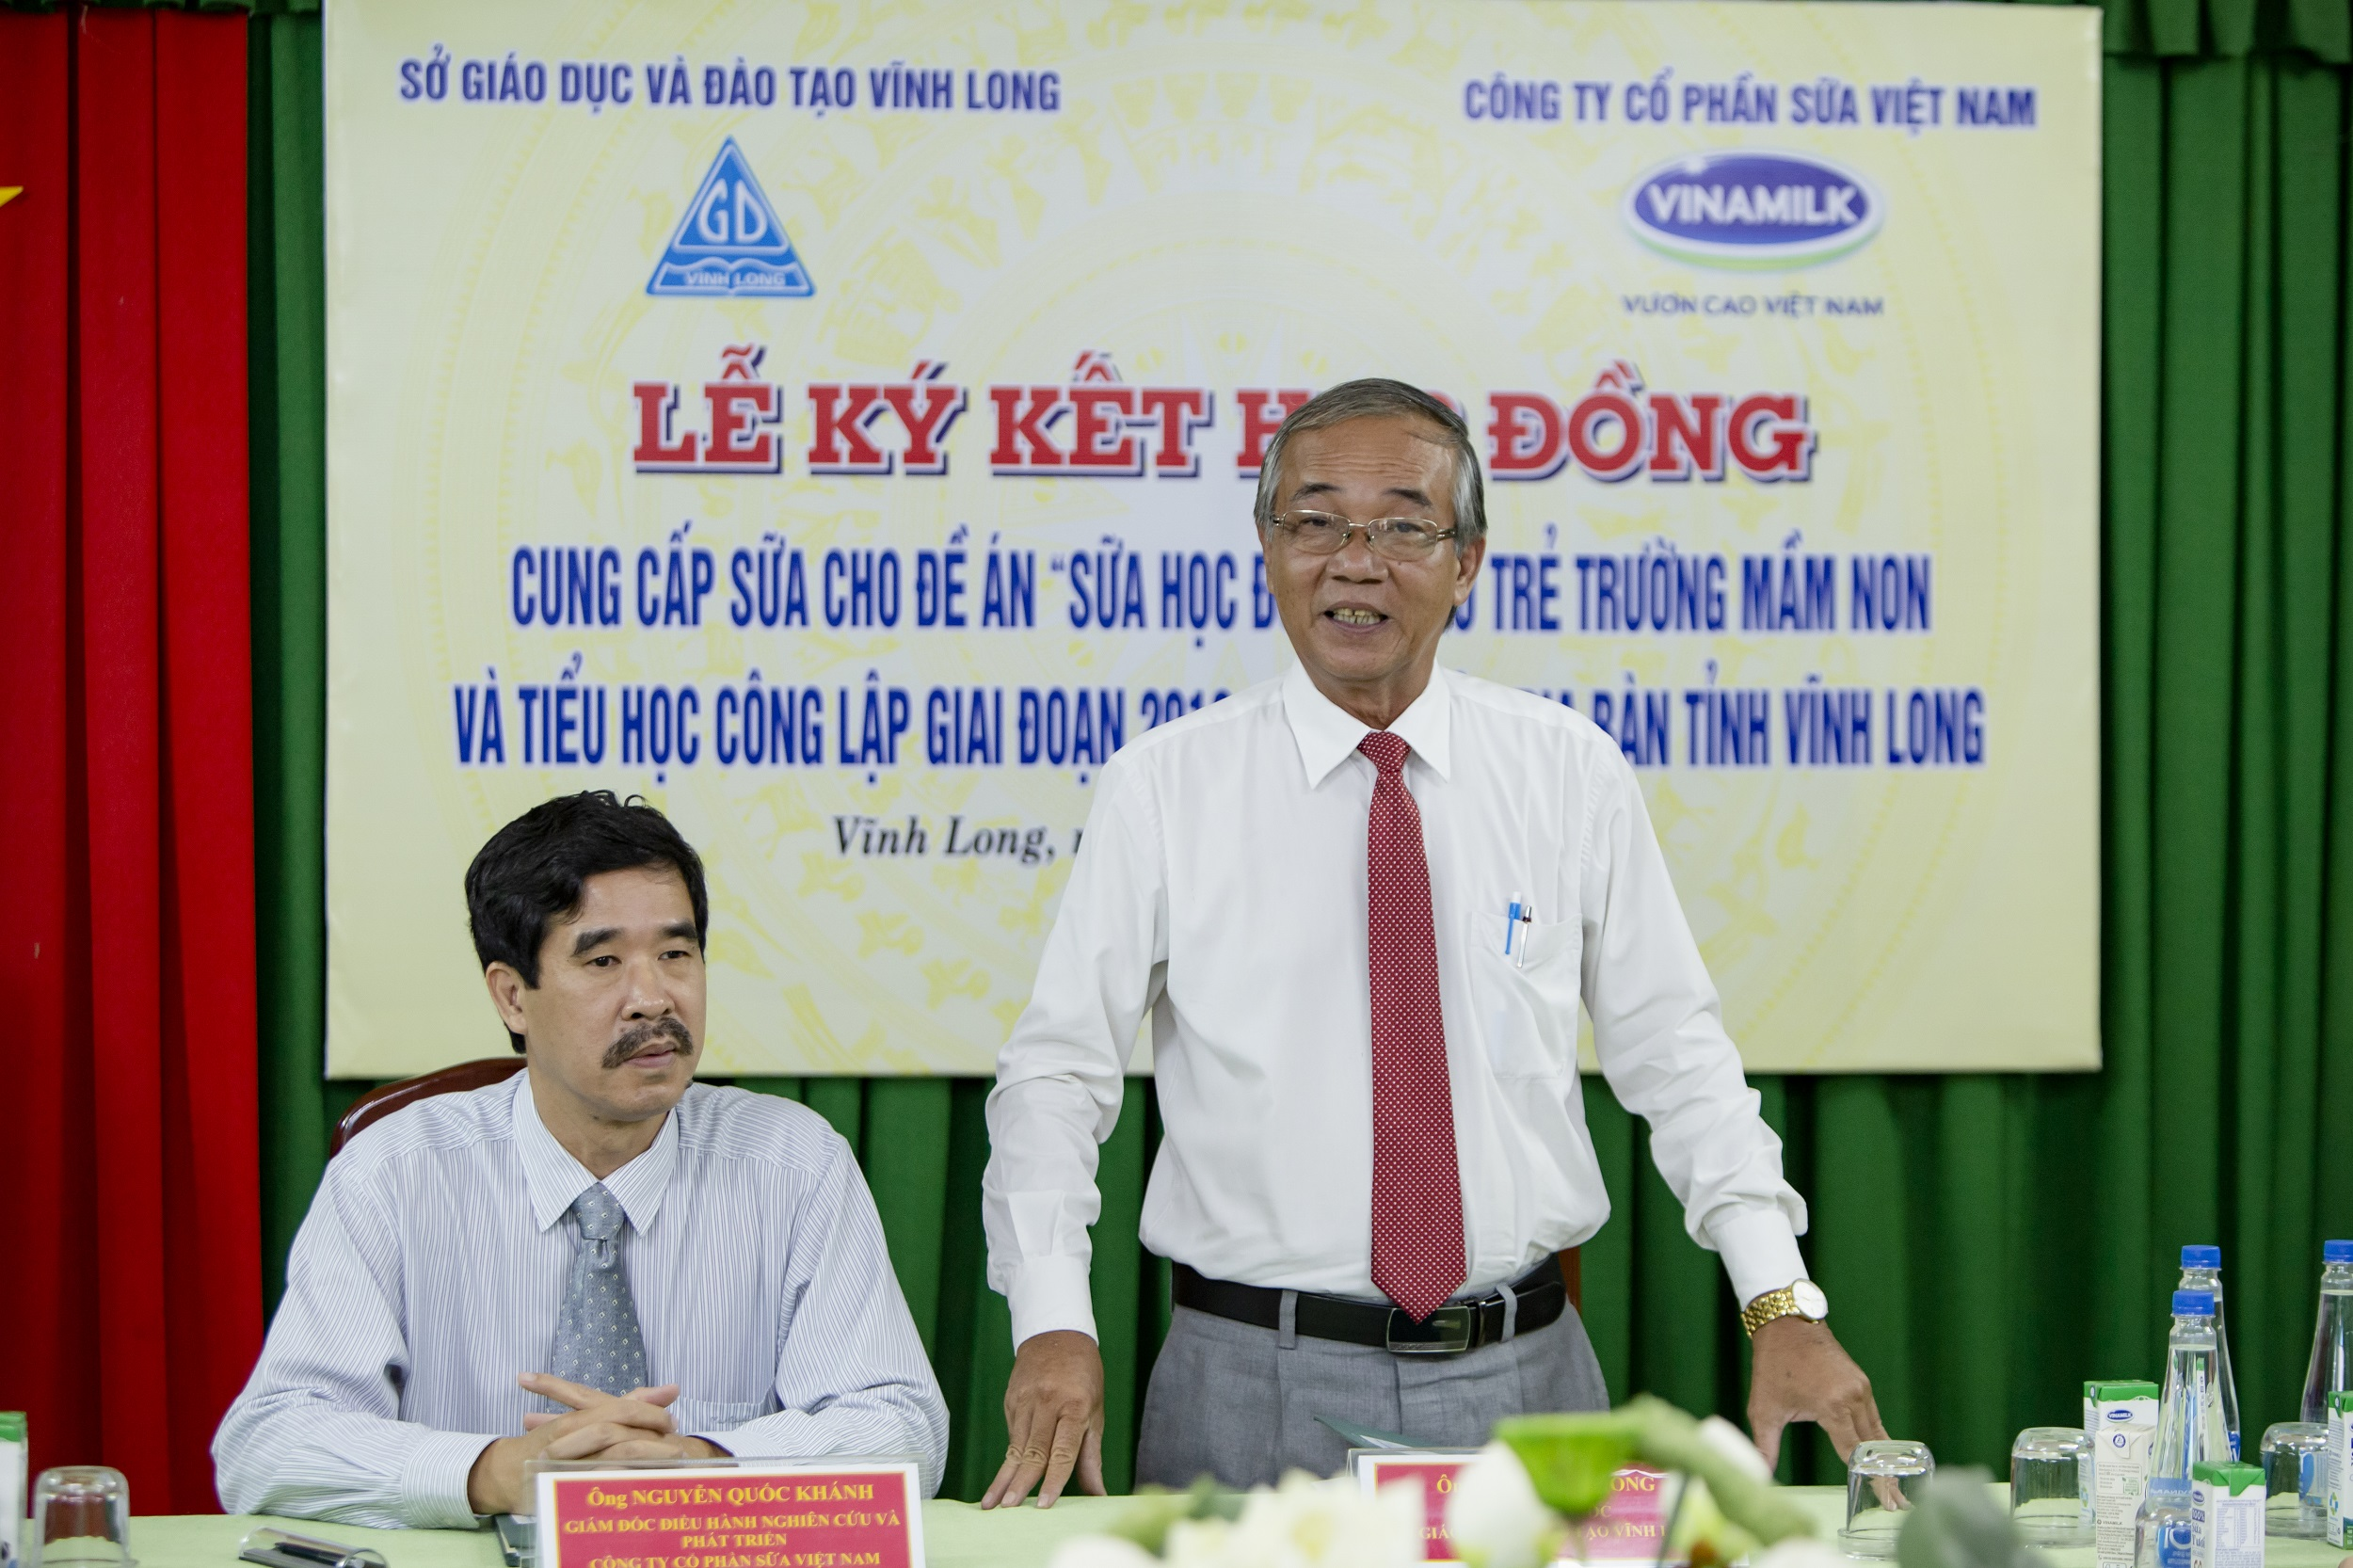 70.000 trẻ em ở Vĩnh Long sẽ thụ hưởng chương trình sữa học đường  - Ảnh 2